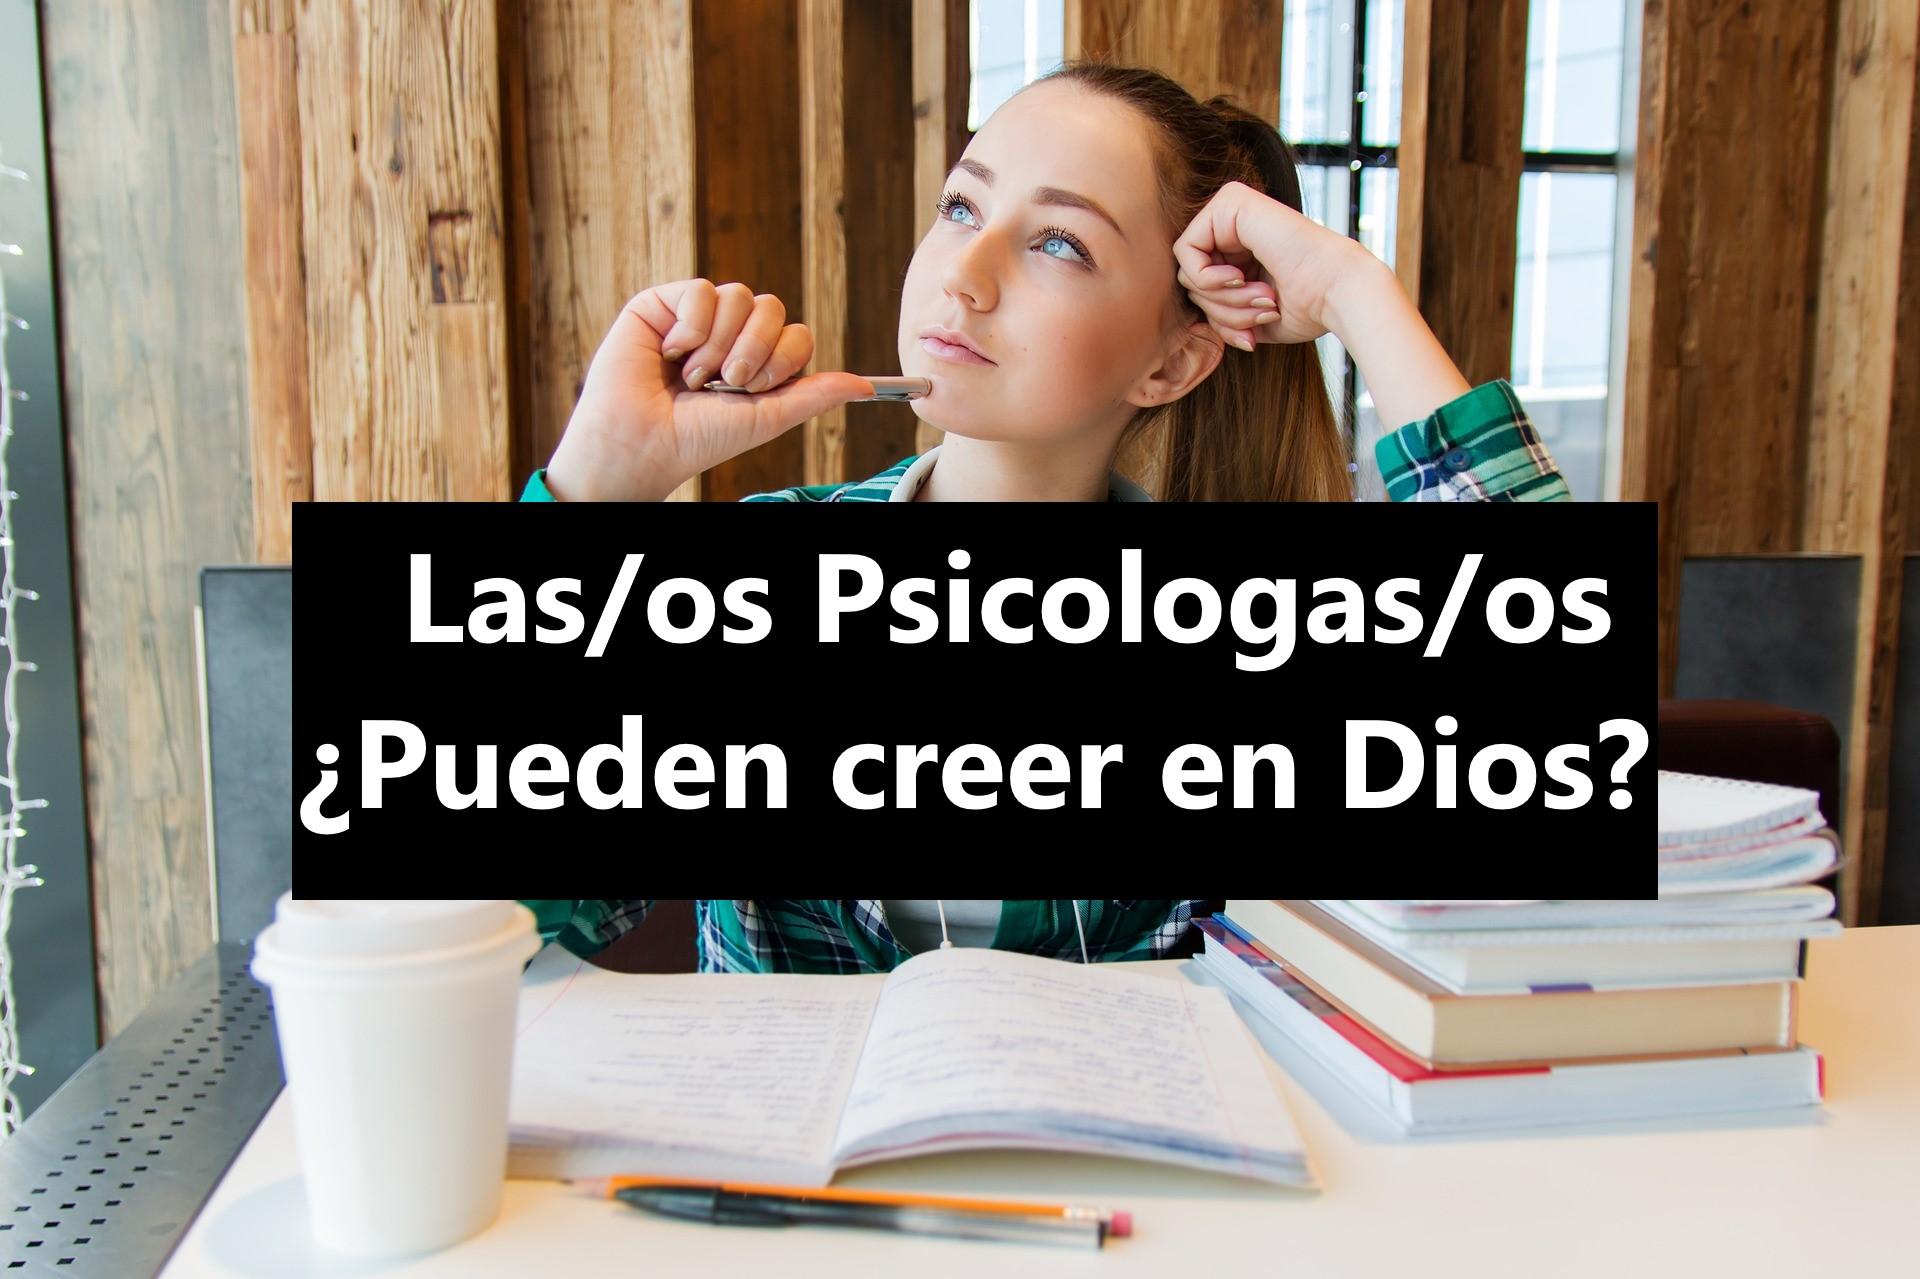 ¿Se deja de creer en Dios cuando se estudia psicología?